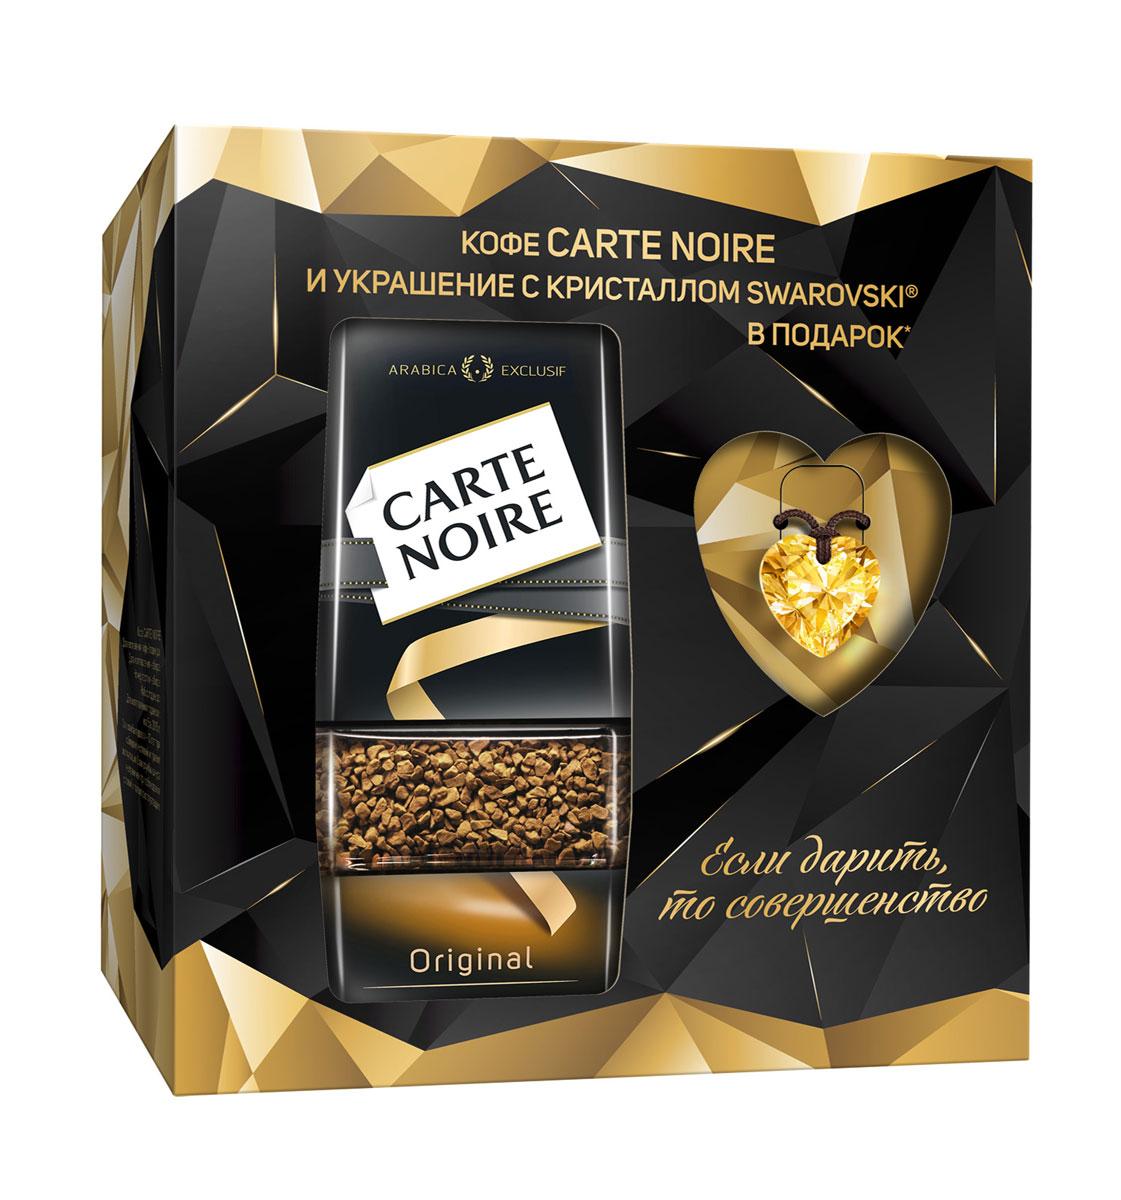 Carte Noire Original кофе растворимый, 95 г + украшение Swarovski4251436Встречайте эксклюзивное сочетание совершенного кофе Carte Noire Original и украшения с кристаллом знаменитого бренда Swarovski. Изысканный вкус и насыщенный аромат кофе великолепно соединился с благородным блеском кристалла Swarovski, чтобы представить вам новое воплощение совершенного подарка. Откройте новую грань сильных эмоций с кофе Carte Noire и подвеской с кристаллом Swarovski. Если дарить, то совершенство! Размер кристалла: 18 x 17,5 мм Материал кристалла: стекло Длина шнурка для подвески: 70 см Толщина шнурка для подвески: 1 мм Материал шнурка: нейлон с восковым покрытием.